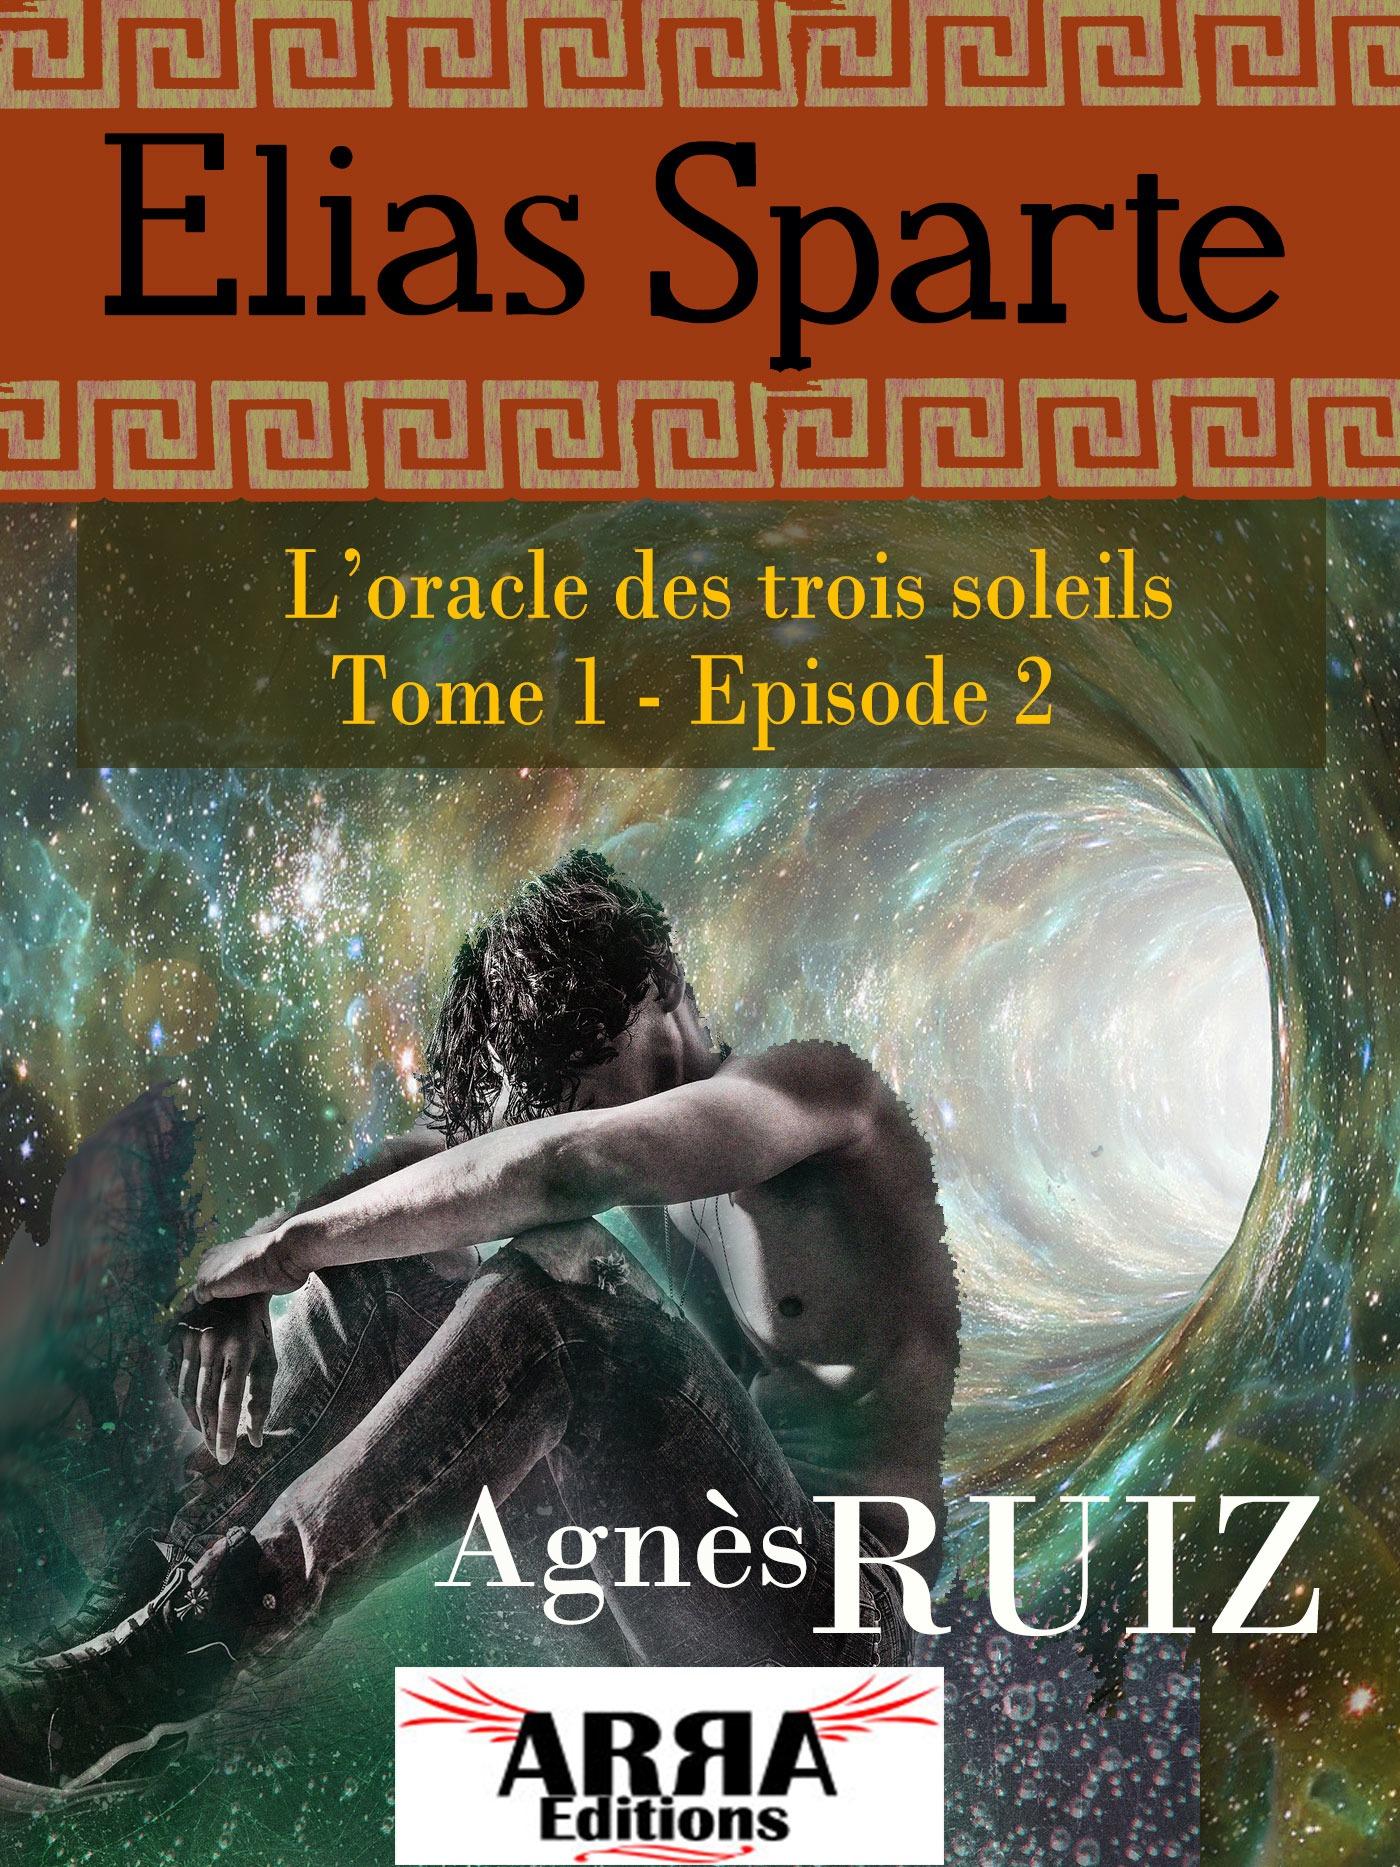 L'oracle des trois soleils, tome 1, épisode 2 (Elias Sparte)